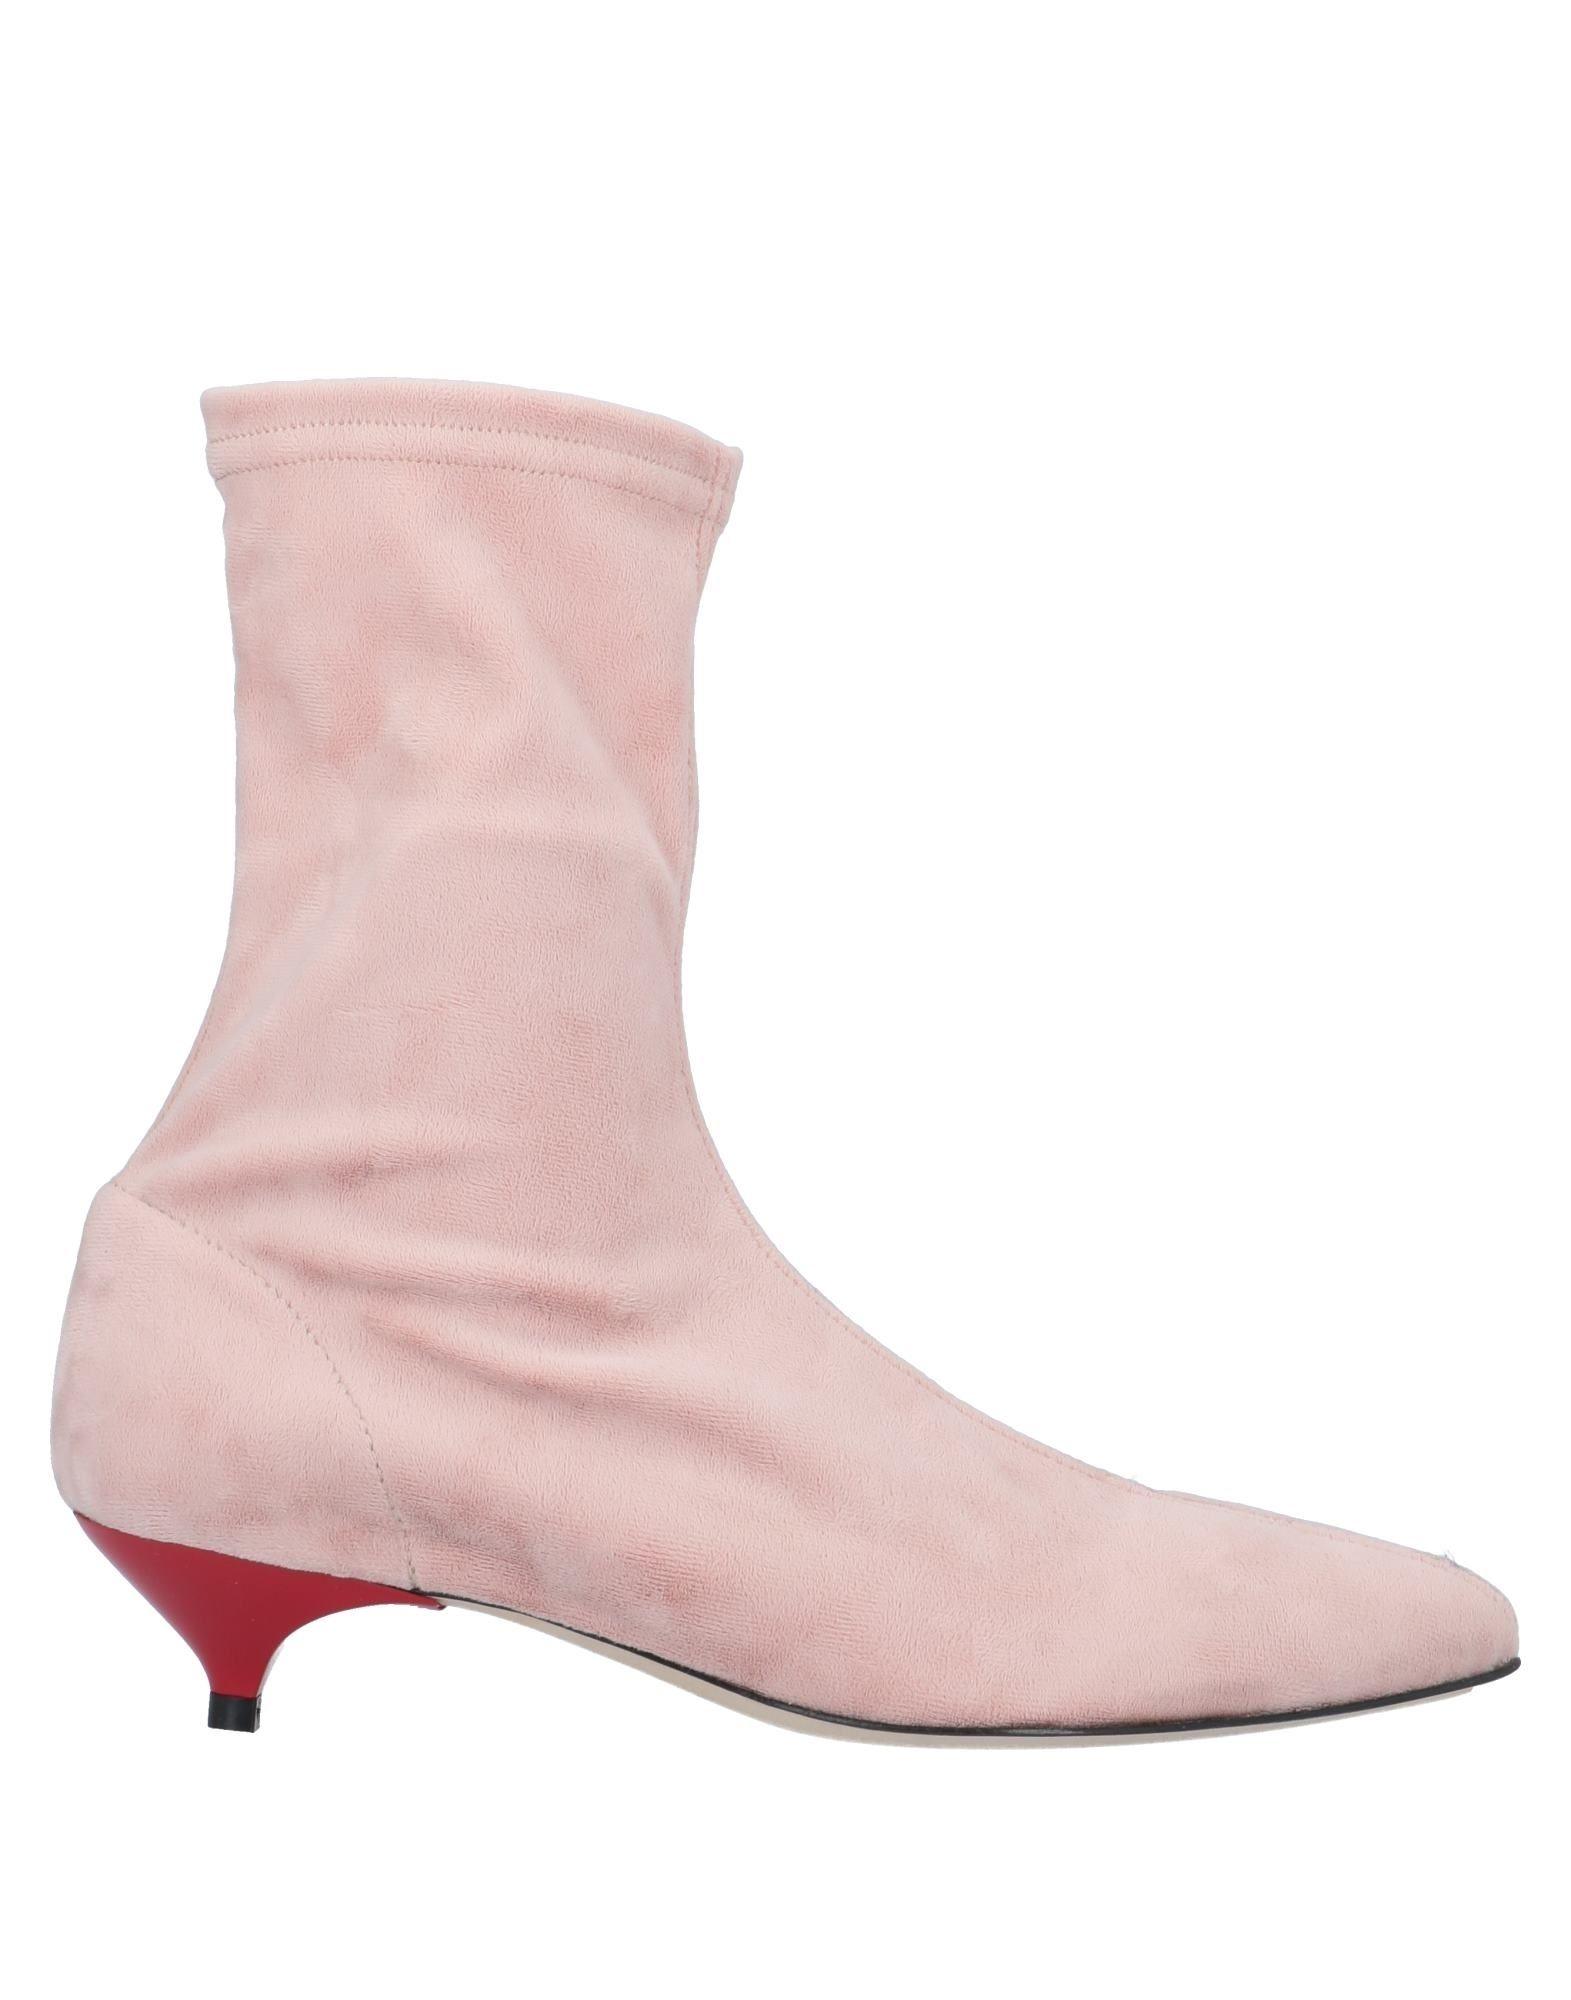 Stivaletti Gia Couture damen - 11677878GB